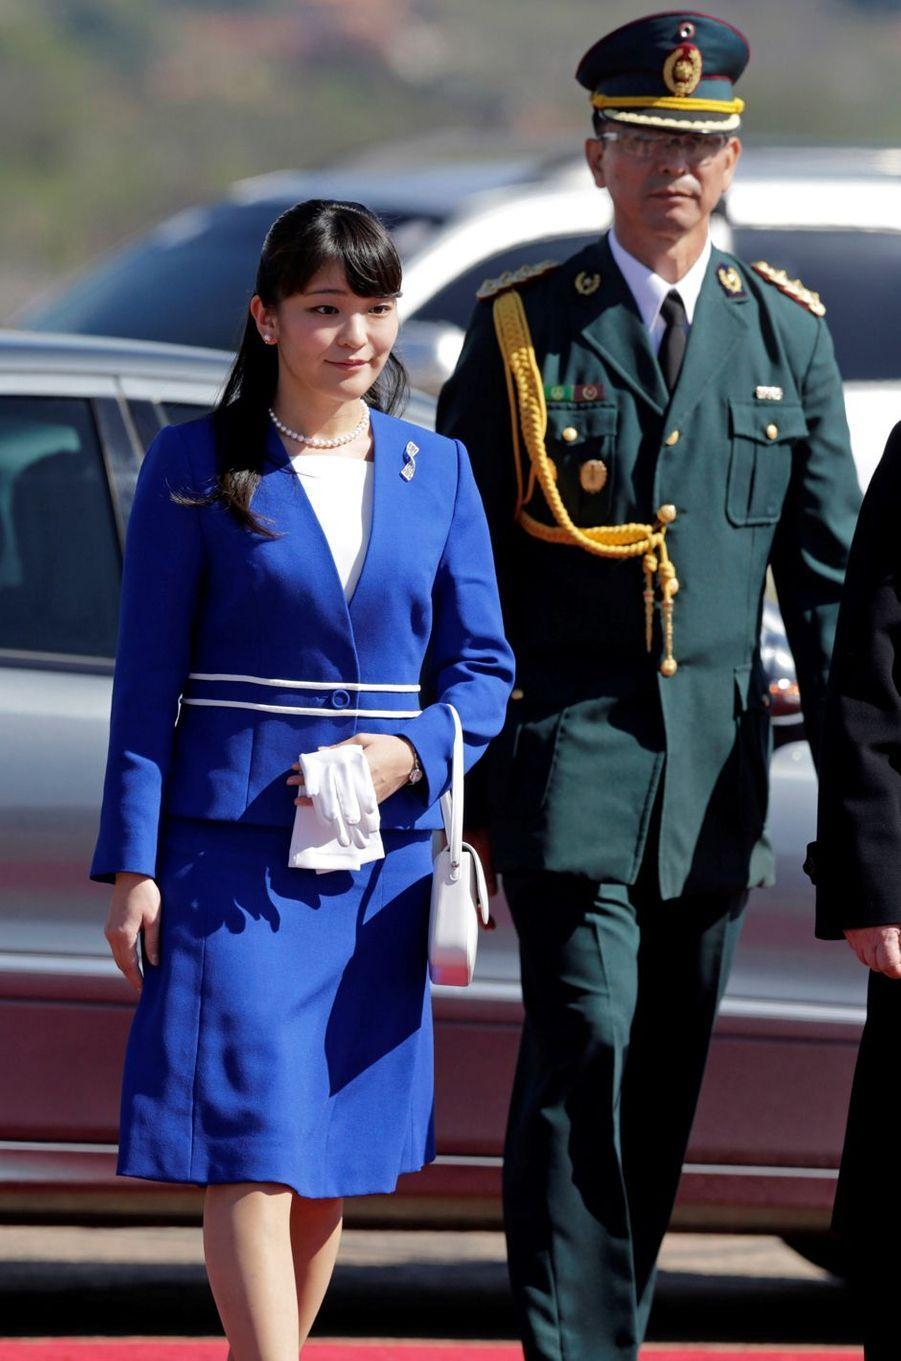 La princesse Mako du Japon à l'aéroport international de Luque, le 7 septembre 2016